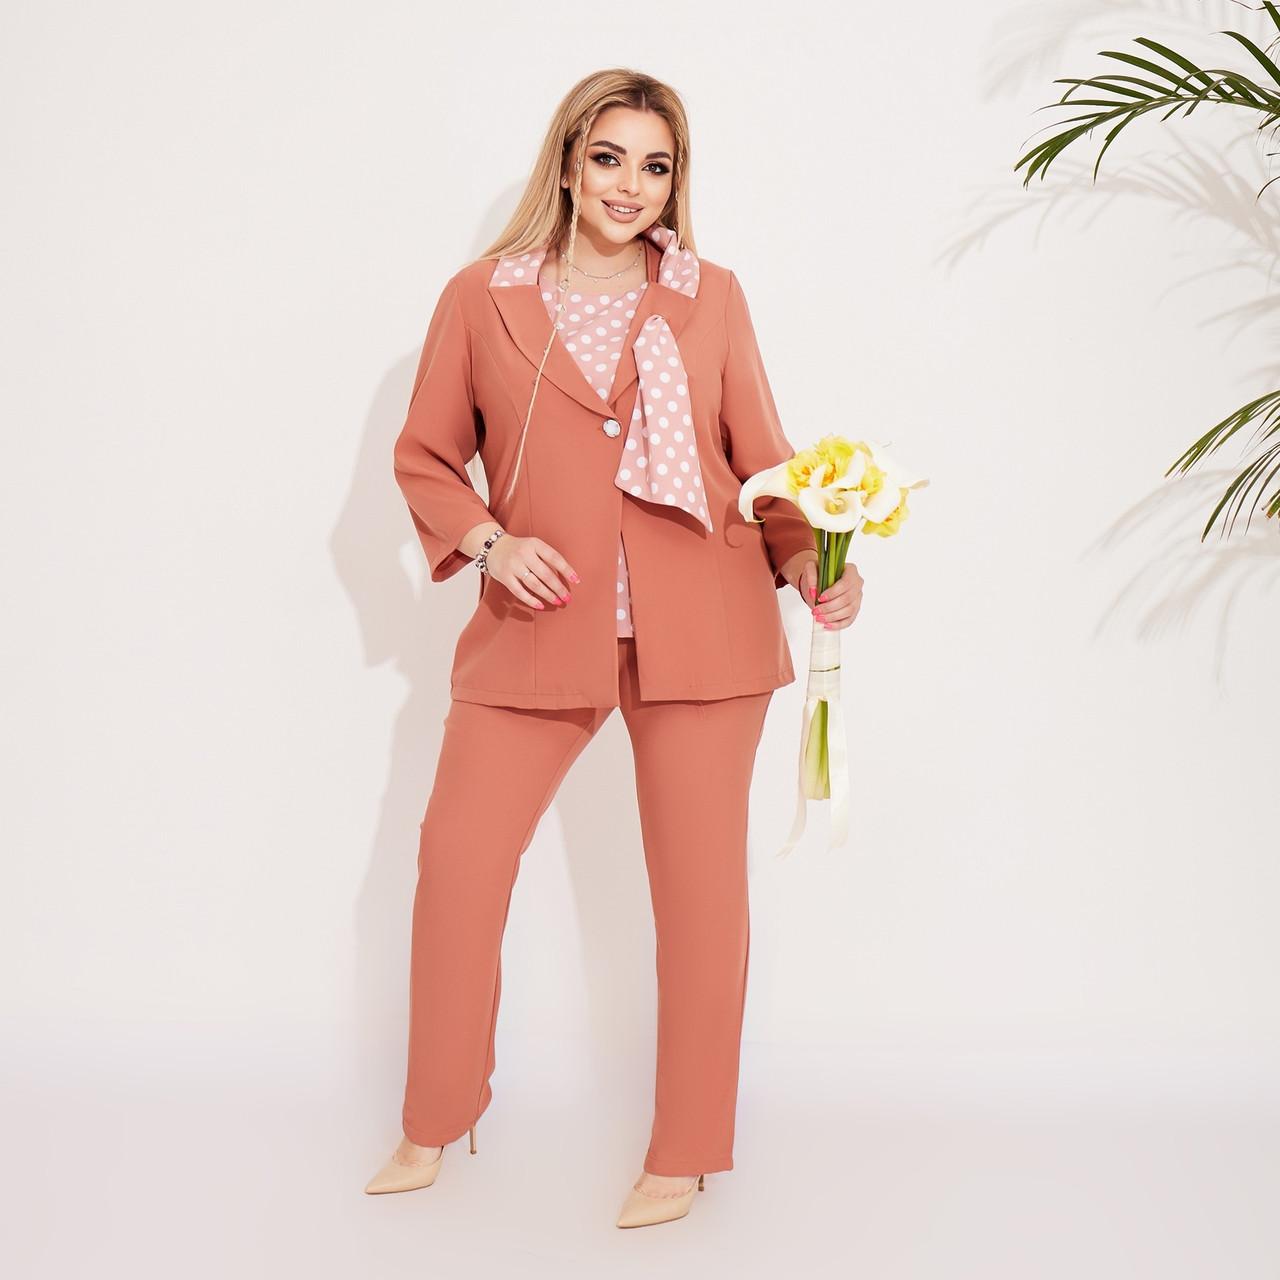 Элегантный женский деловой костюм тройка: блуза, брюки и пиджак с оригинальным воротом, батал большие размеры